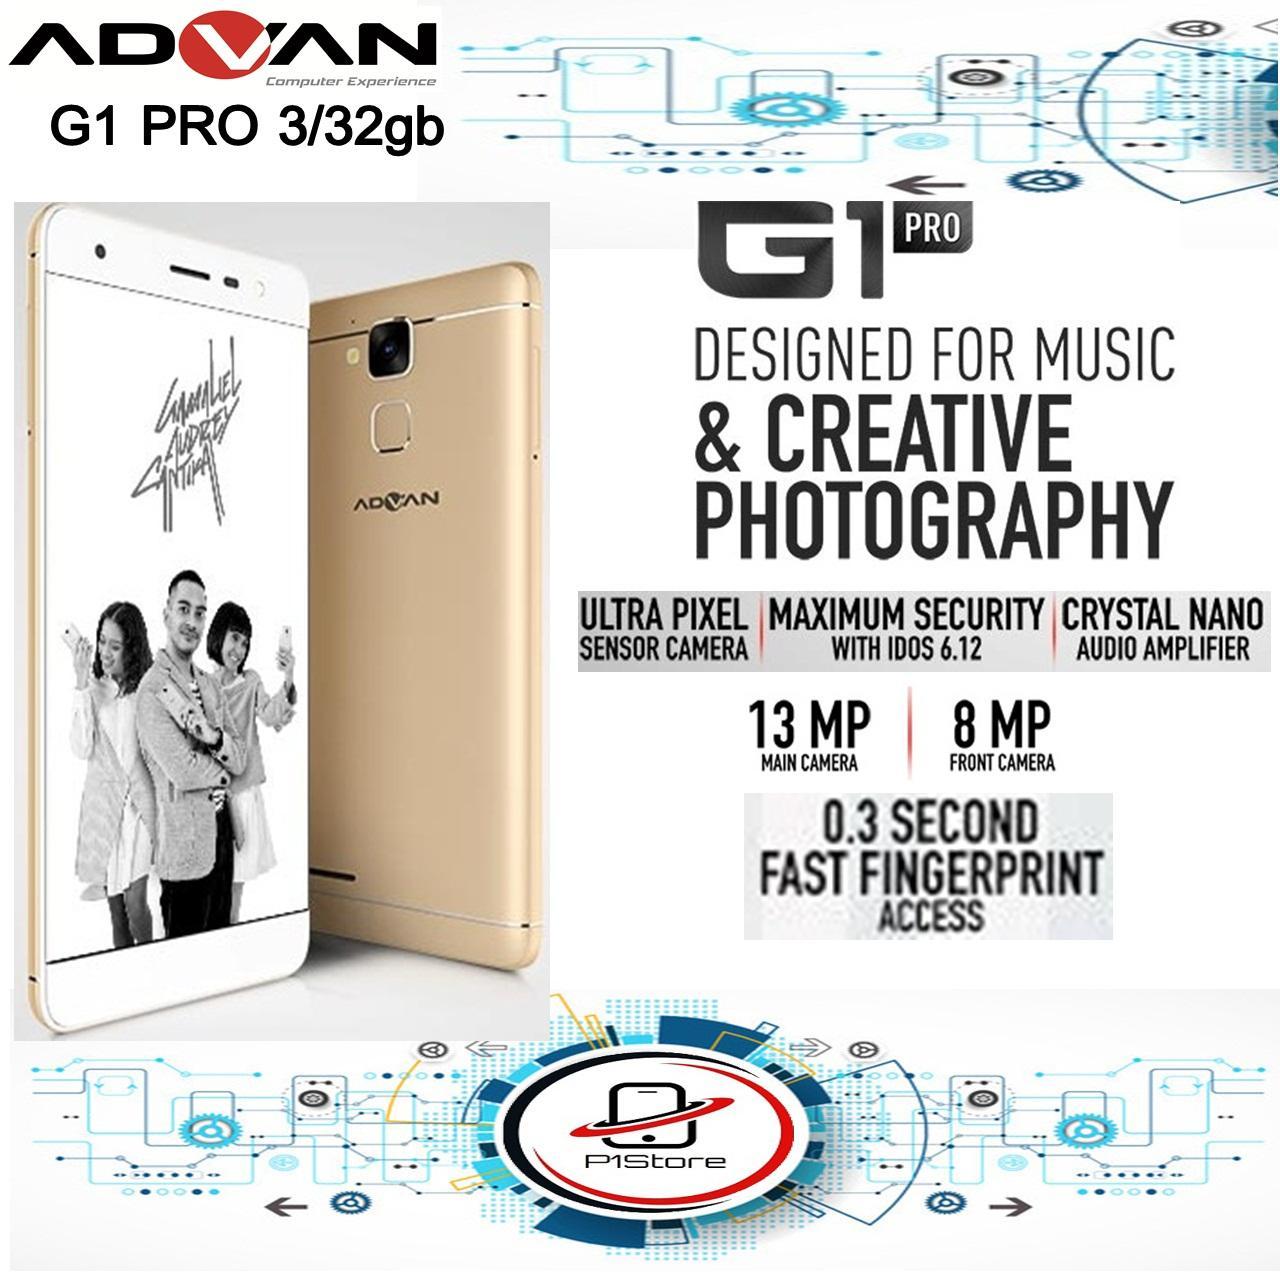 Advan Hammer Ct1 512mb Putih Daftar Harga Terlengkap Indonesia Terkini R3e Handphone R1d G1 Pro 3gb